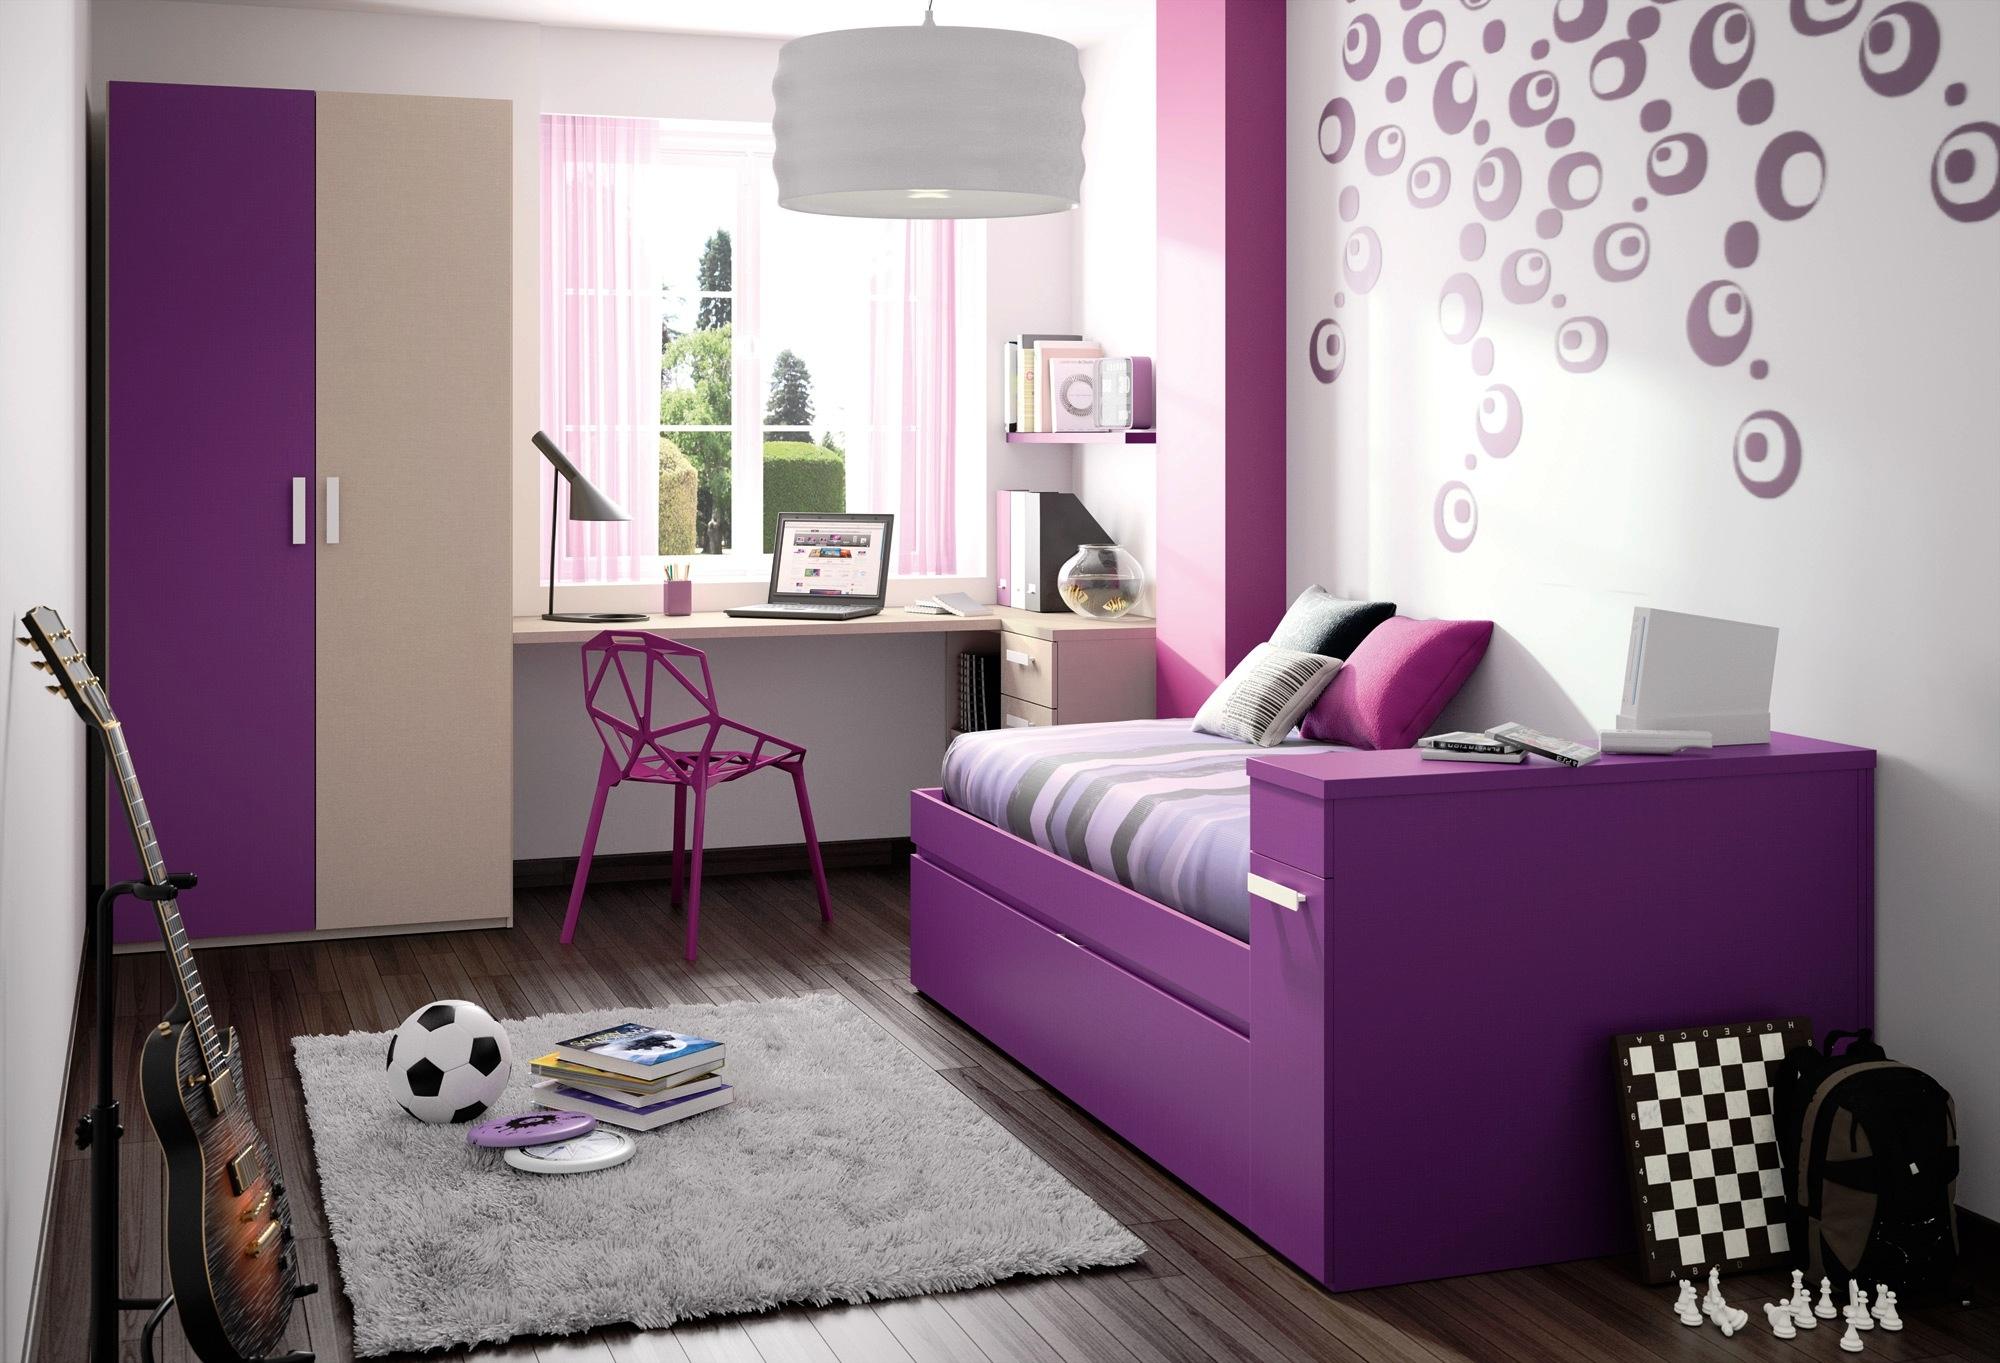 Las distintas tonalidades de púrpura dan sofisticación al ambiente - abate08.com